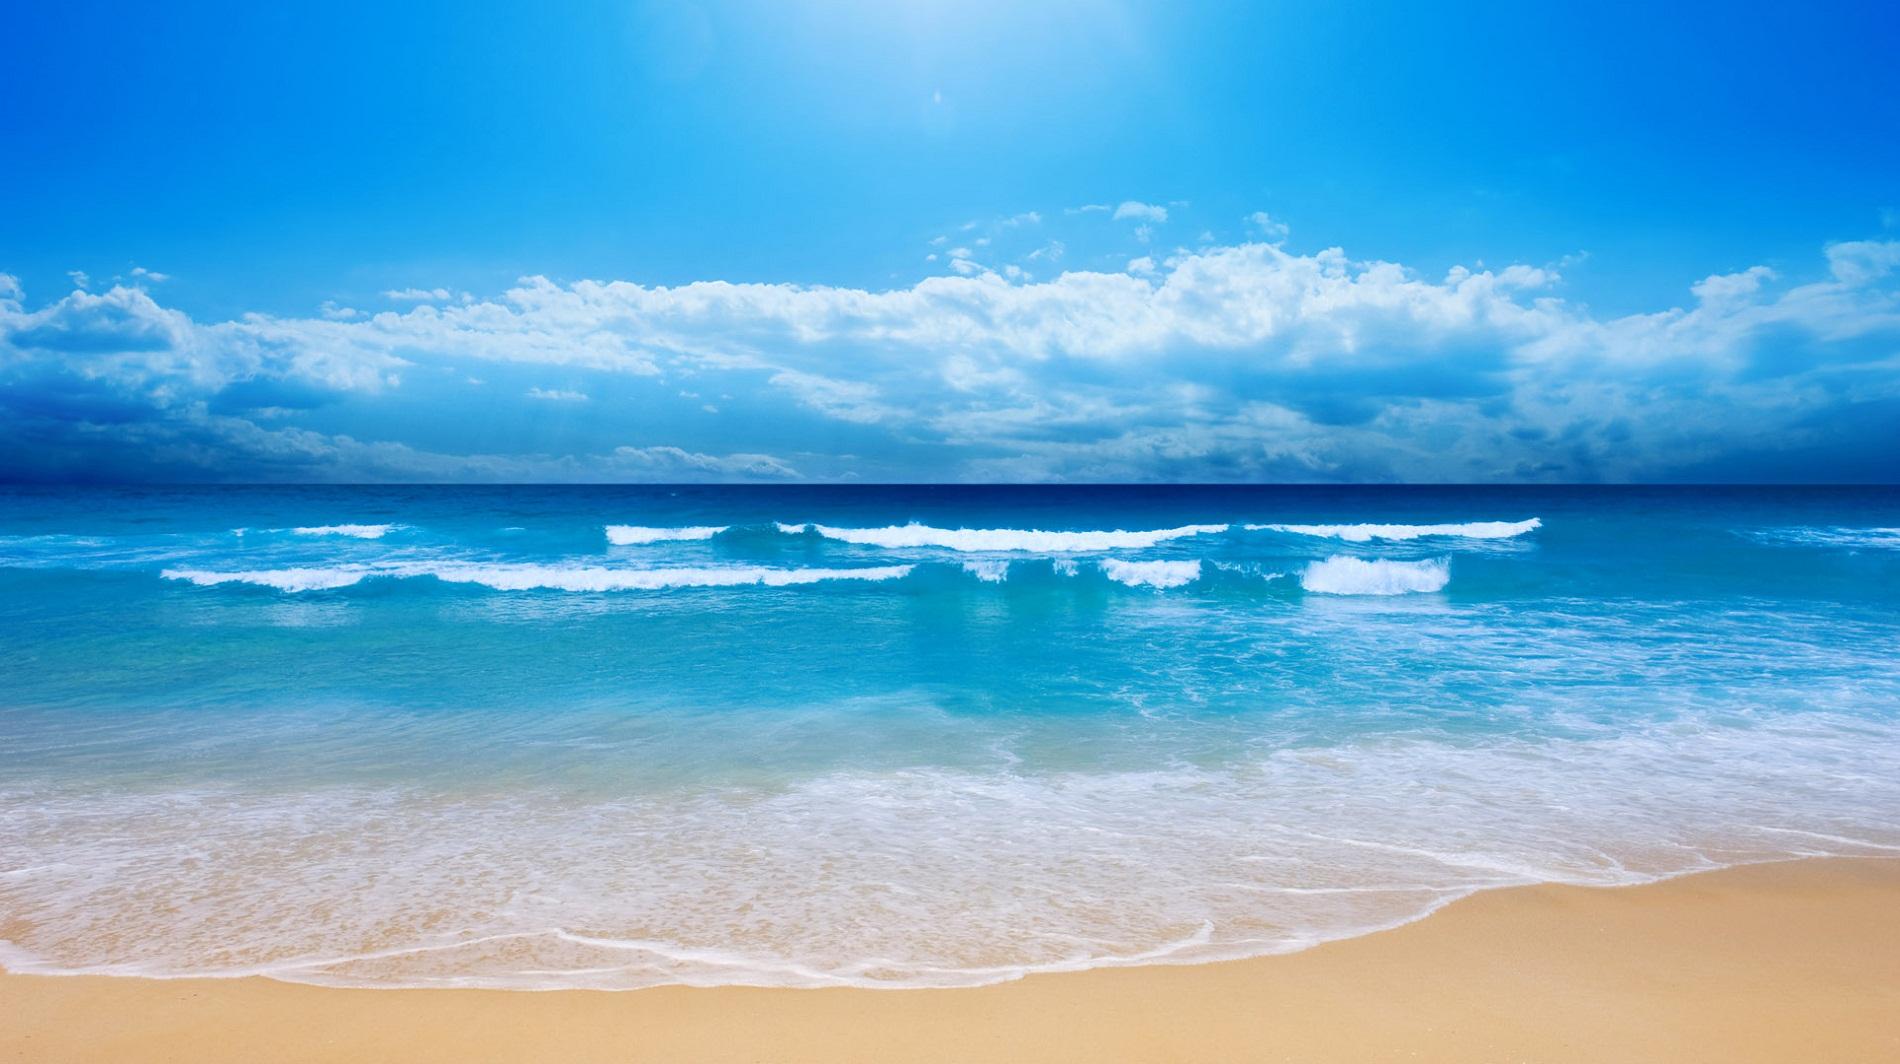 תמונה של חוף שלווה